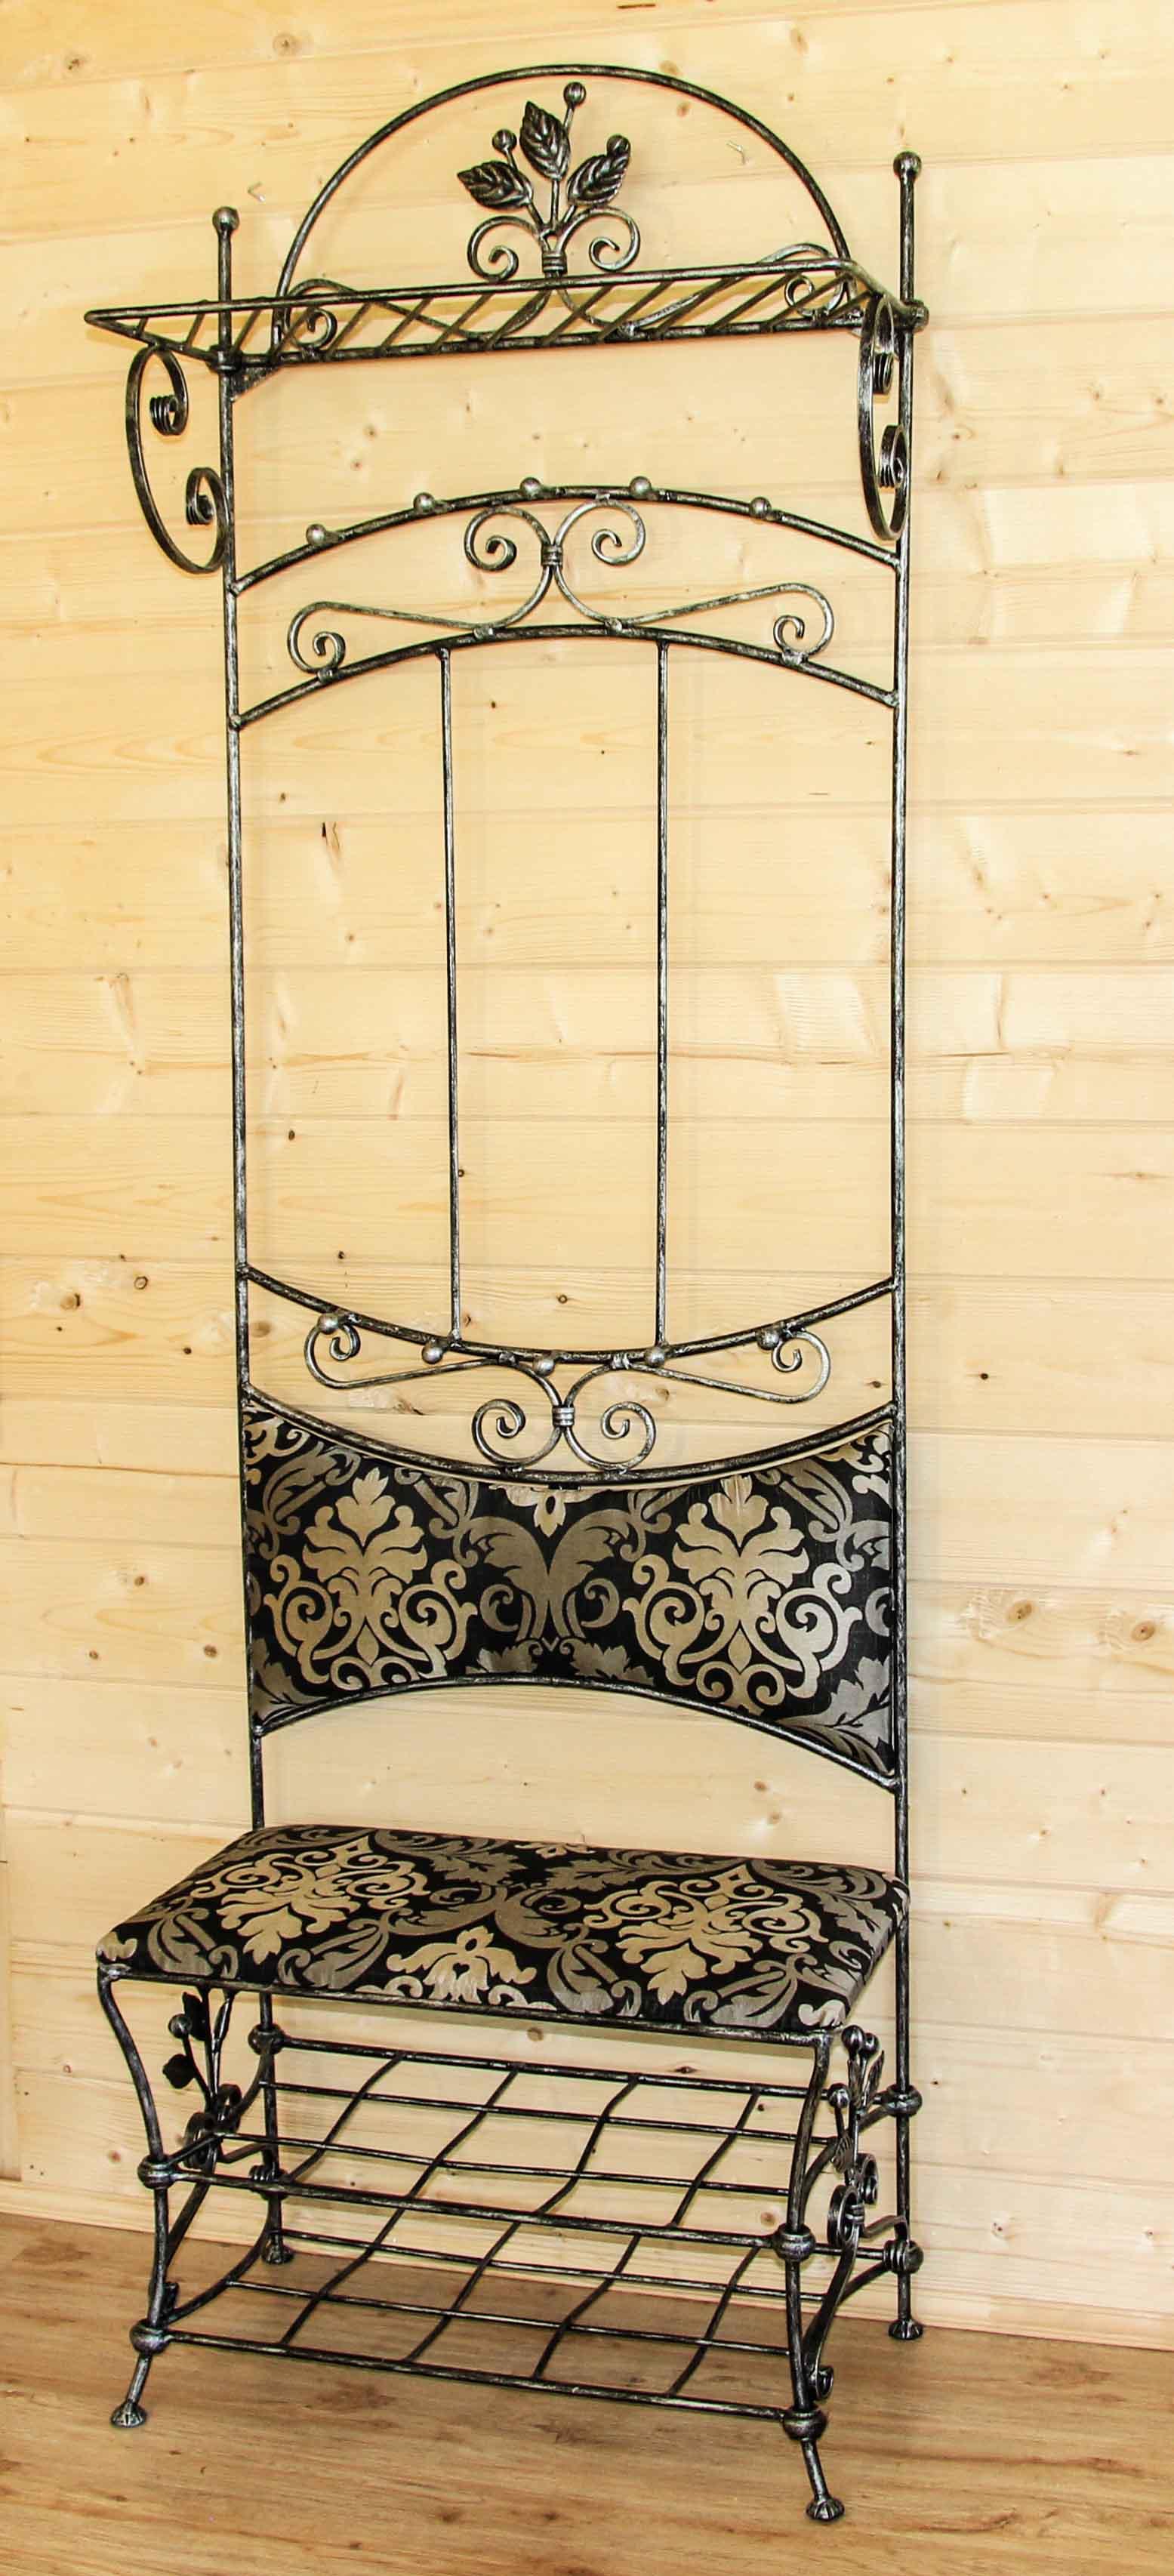 Дизайн кованой мебели